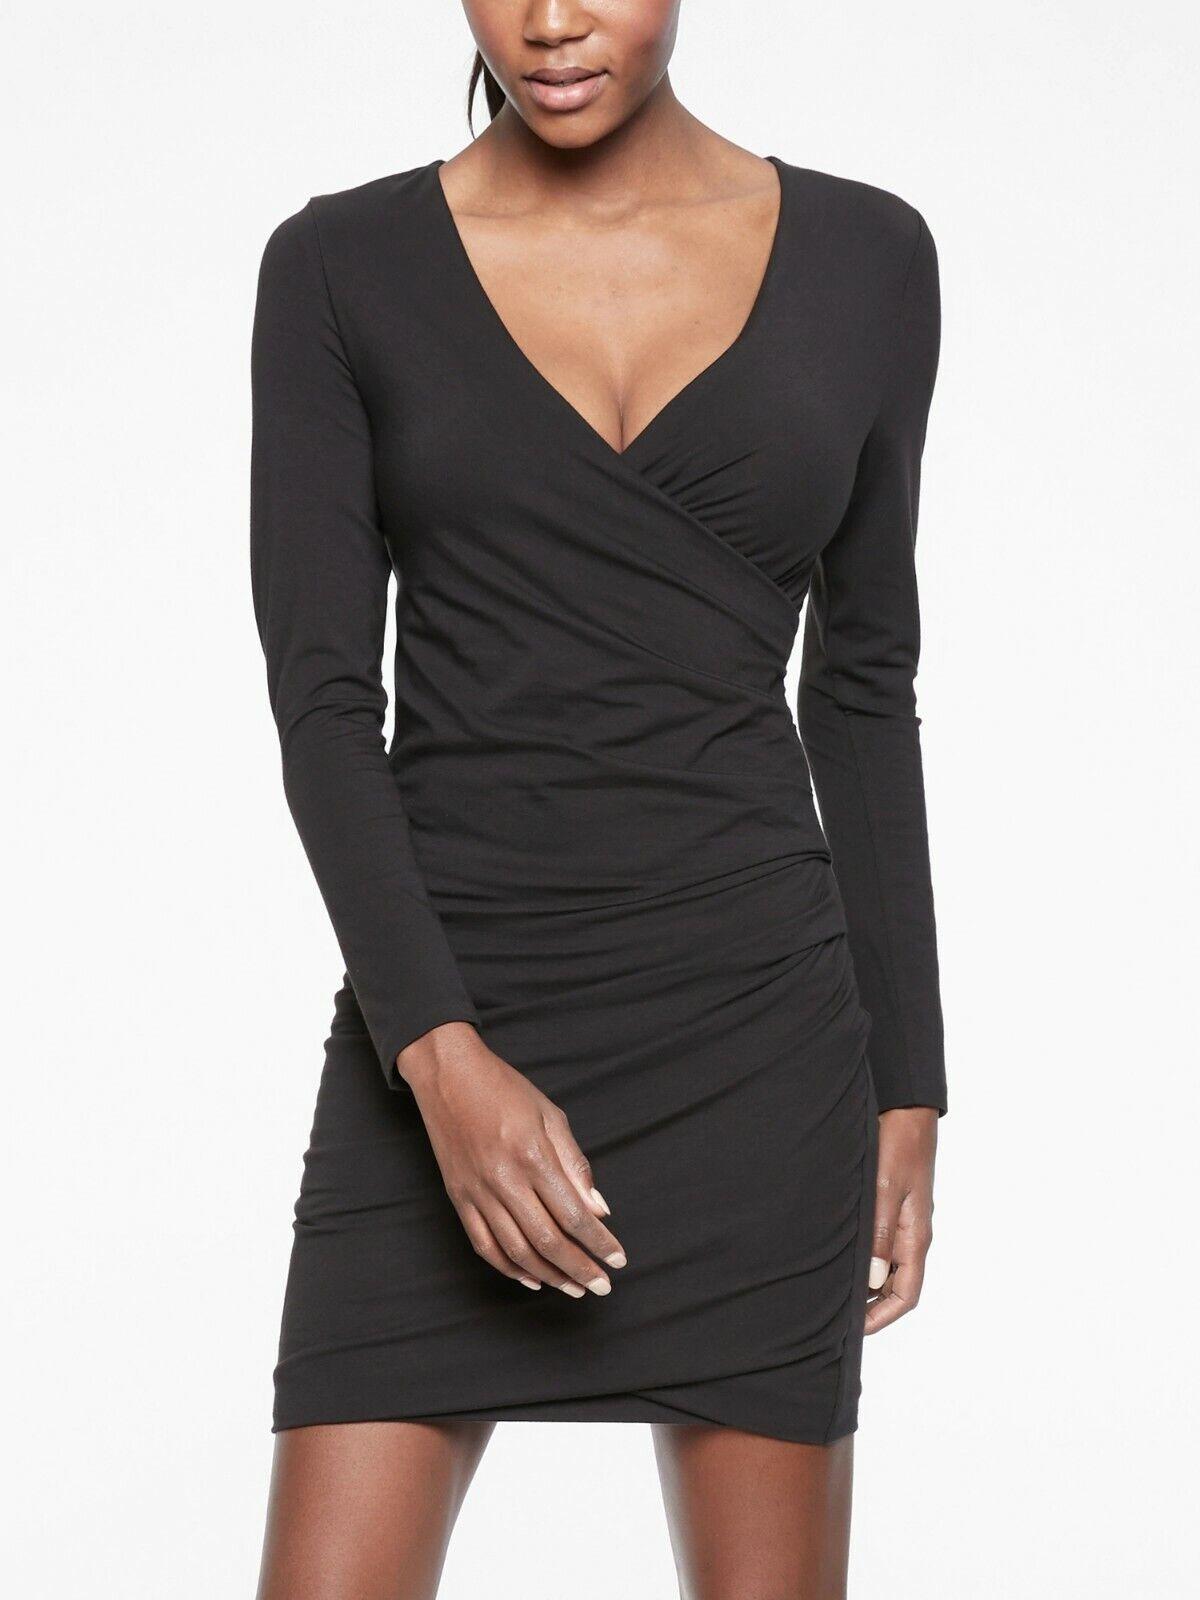 NWT Athleta Wilder Long Sleeve Dress, schwarz  Größe XLT   XL T  N0514